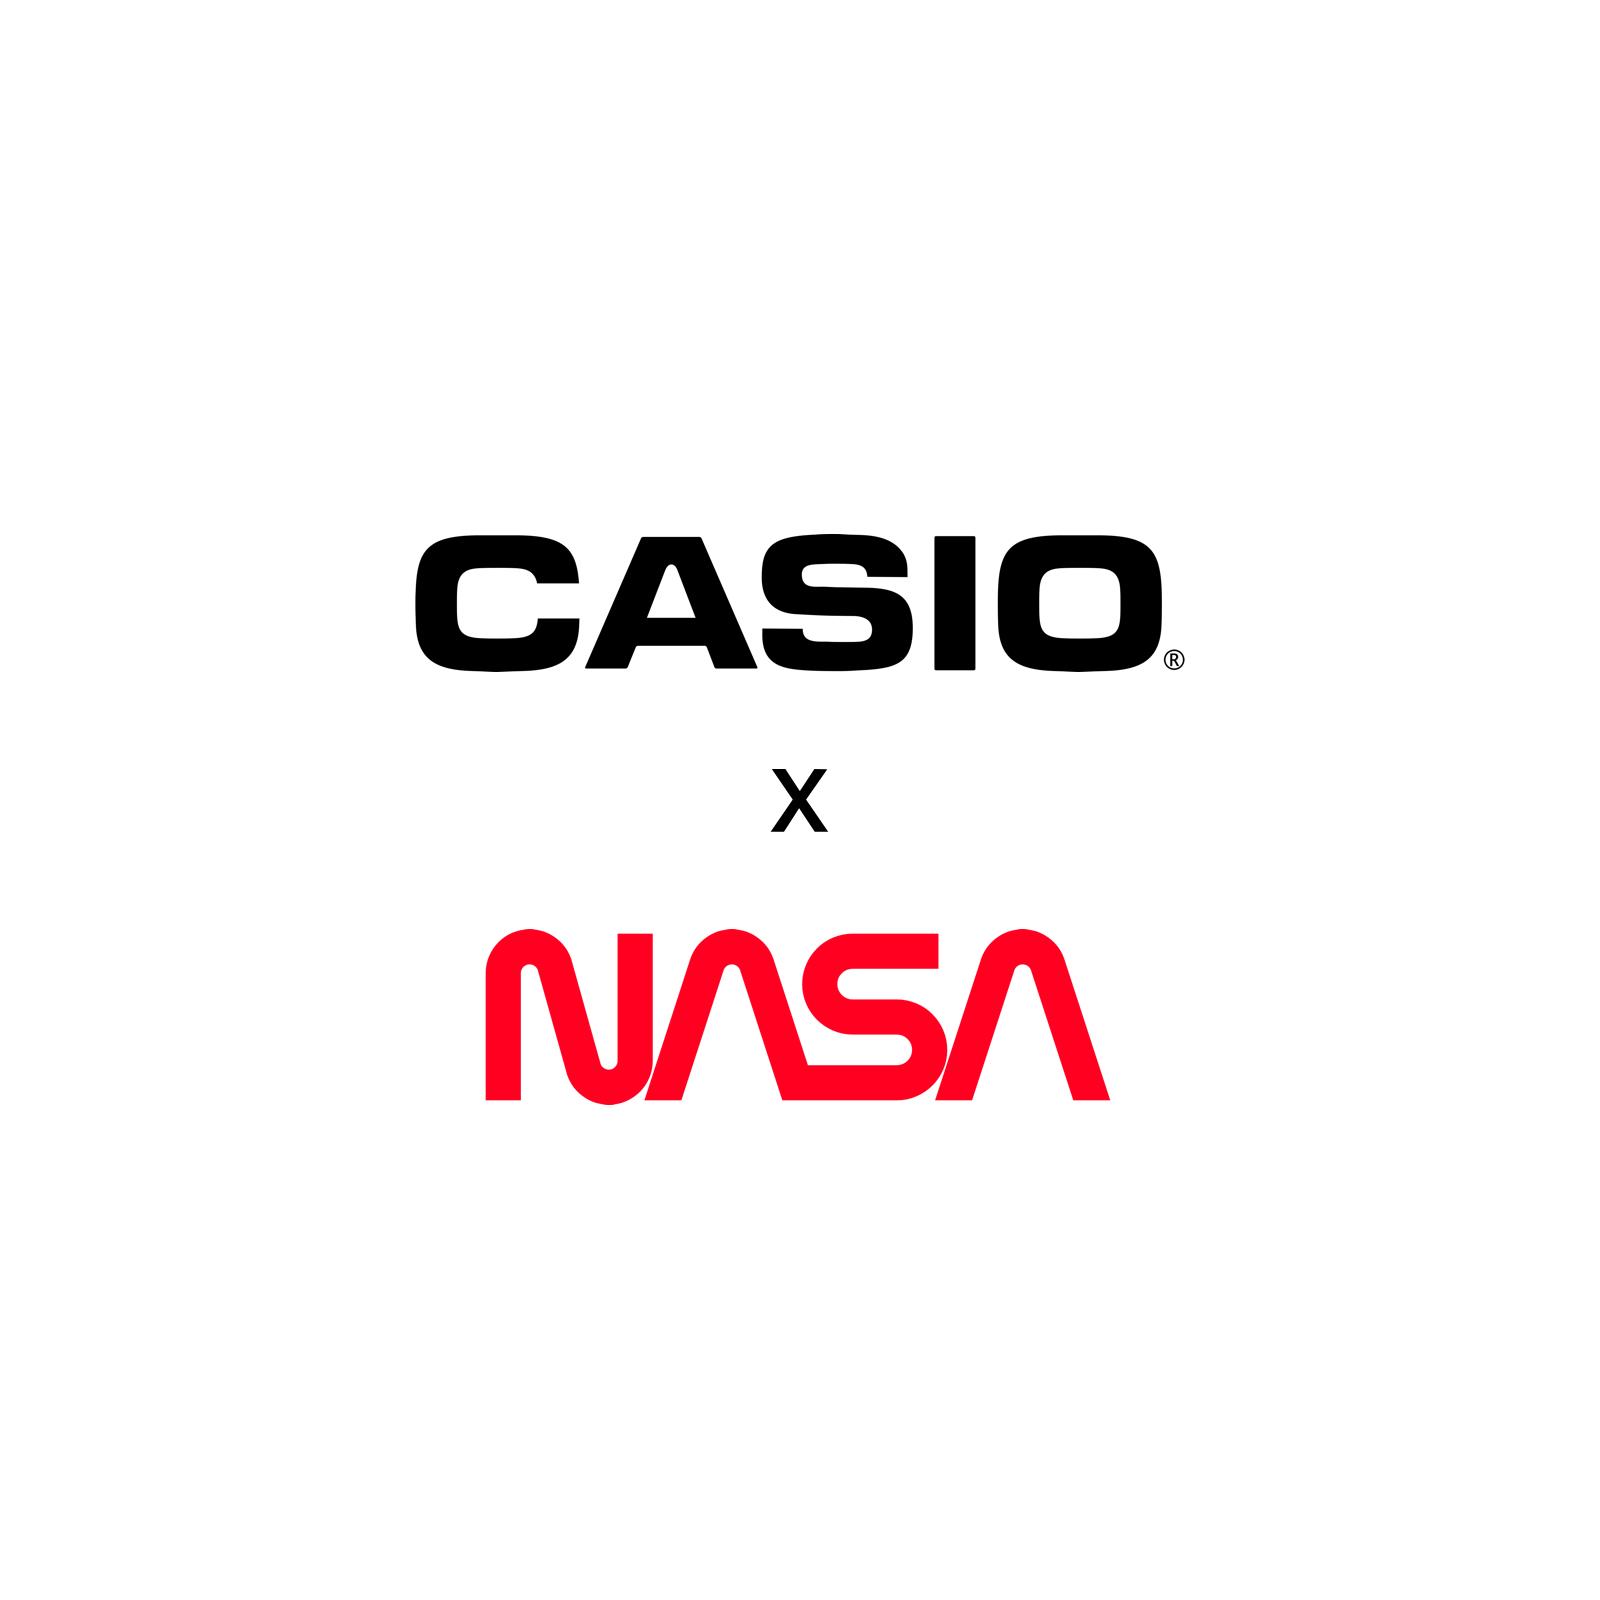 Casio stworzyło wraz z NASA limitowanego G-Shocka